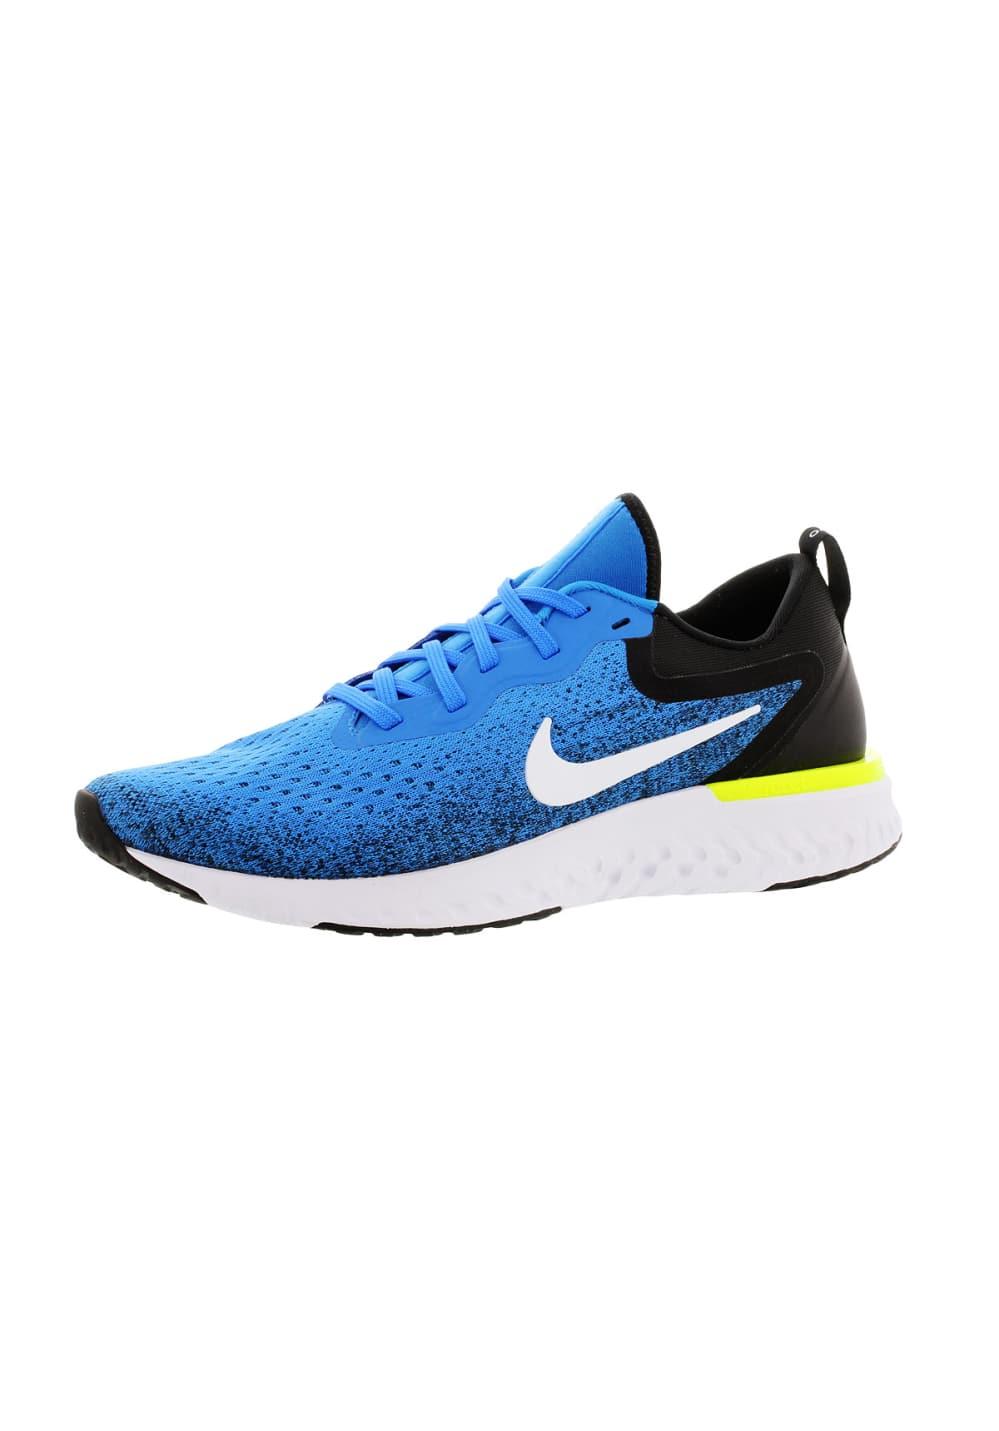 Odyssey Für React Laufschuhe Blau Nike Herren m8NwOnv0